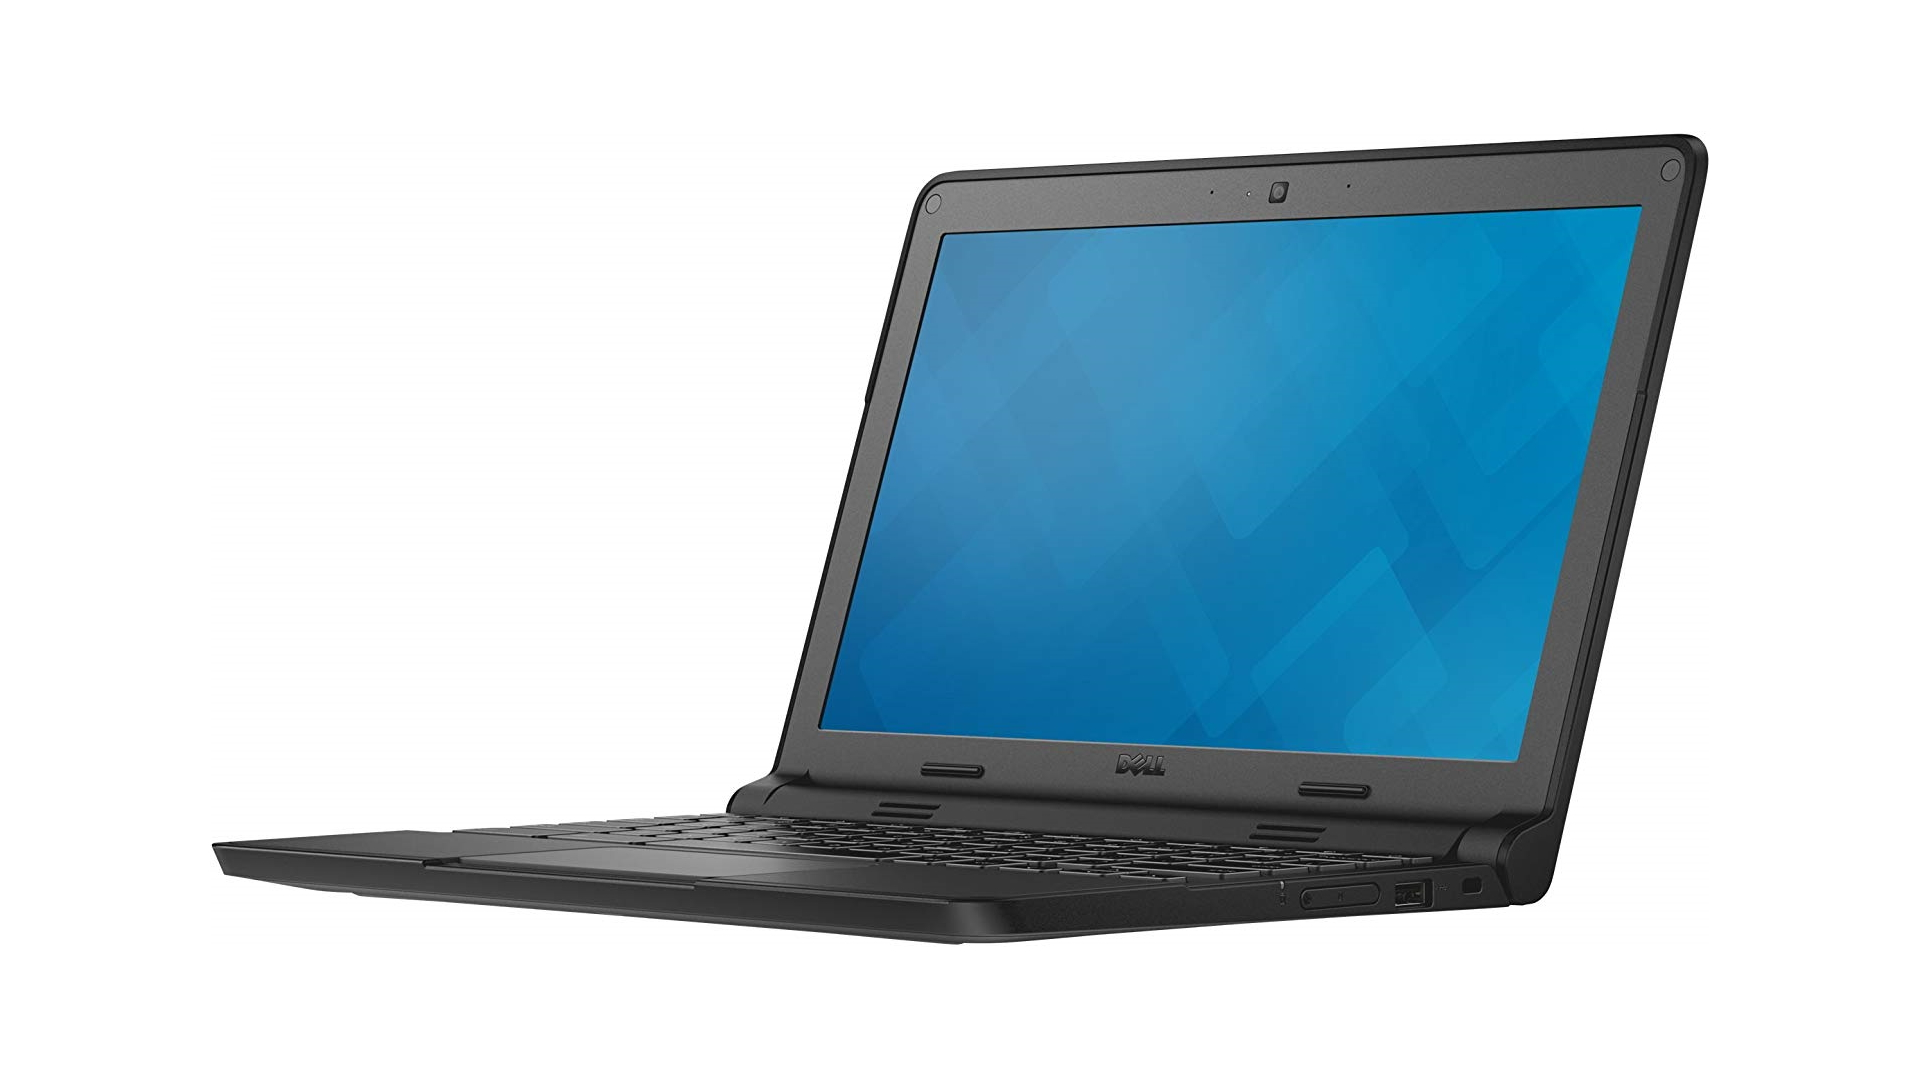 Giá bán và giá tốt nhất của Chromebook